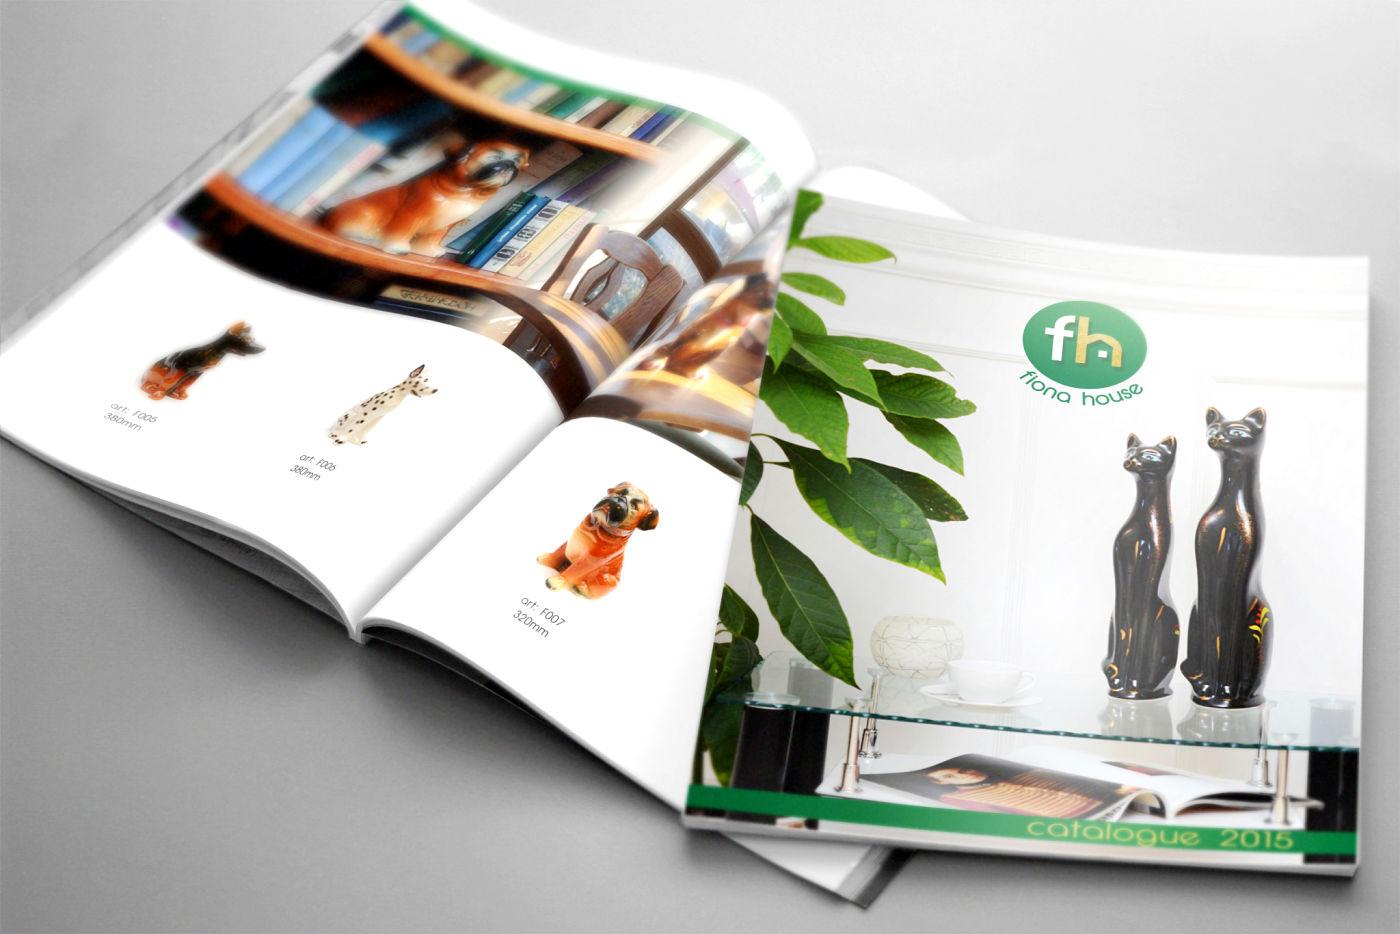 In catalogue chất lượng giá rẻ tại Hà Nội